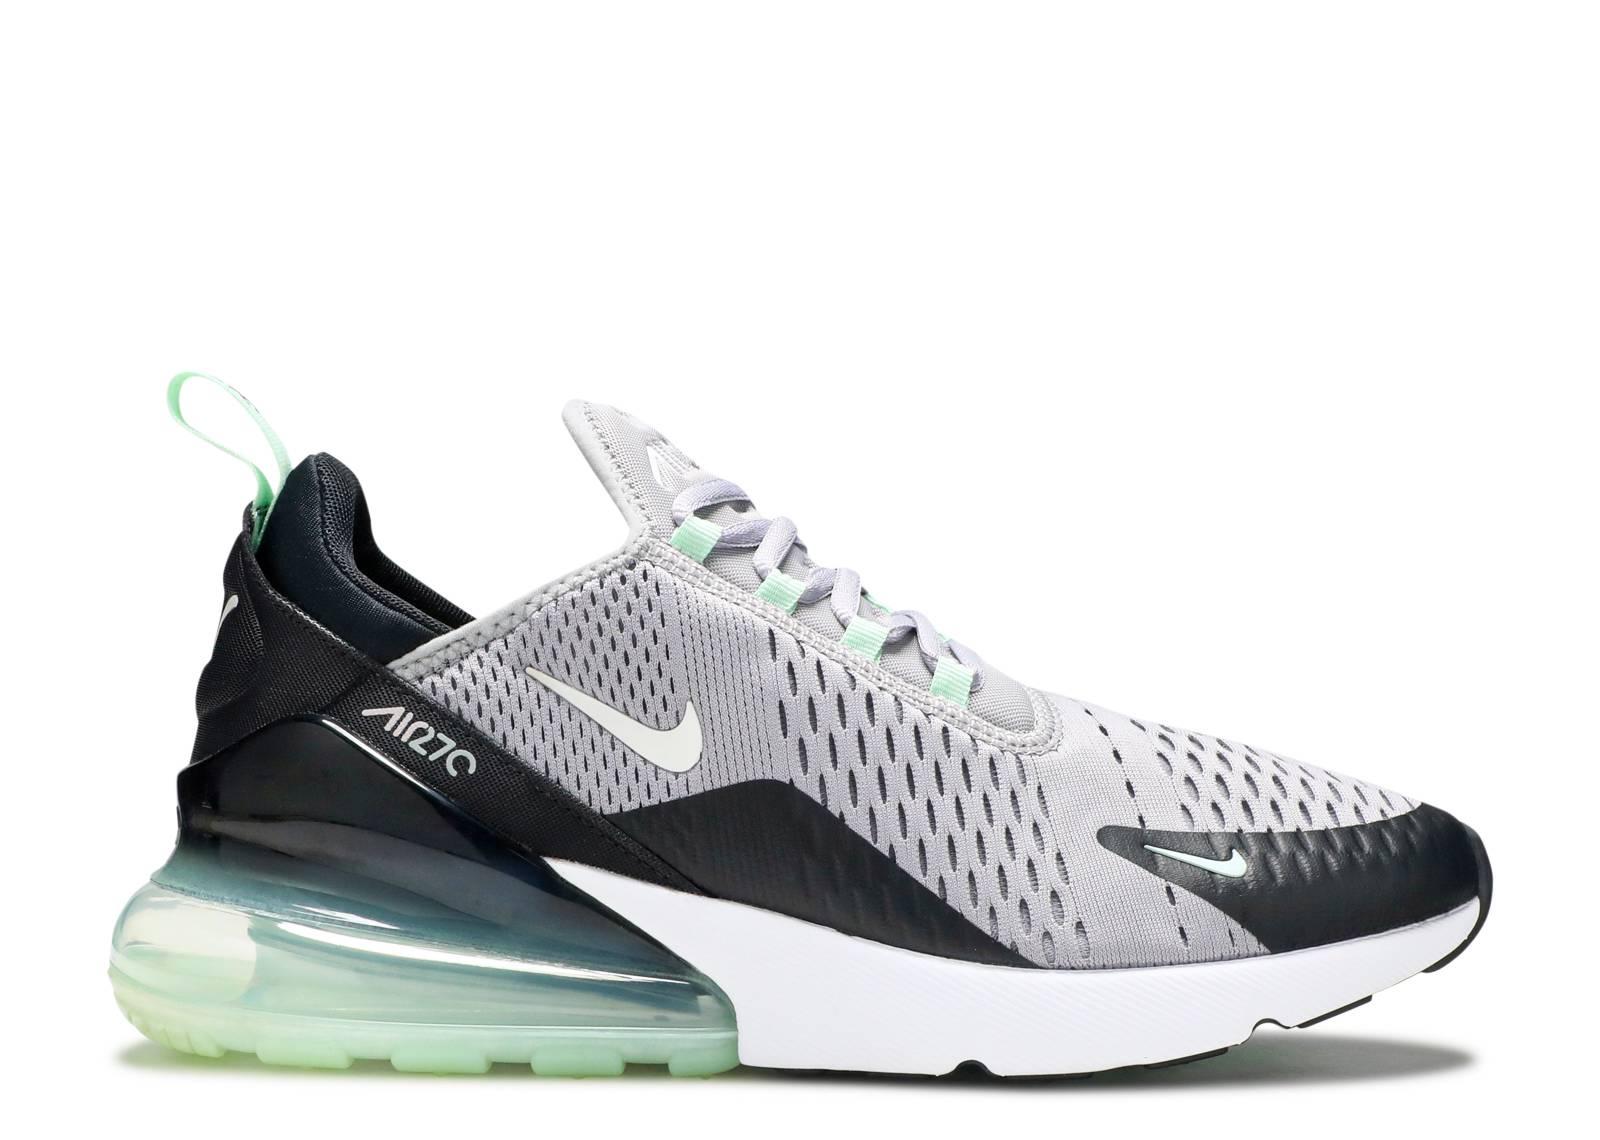 Nike Air Max 270 'Fresh Mint' | CJ0520 001